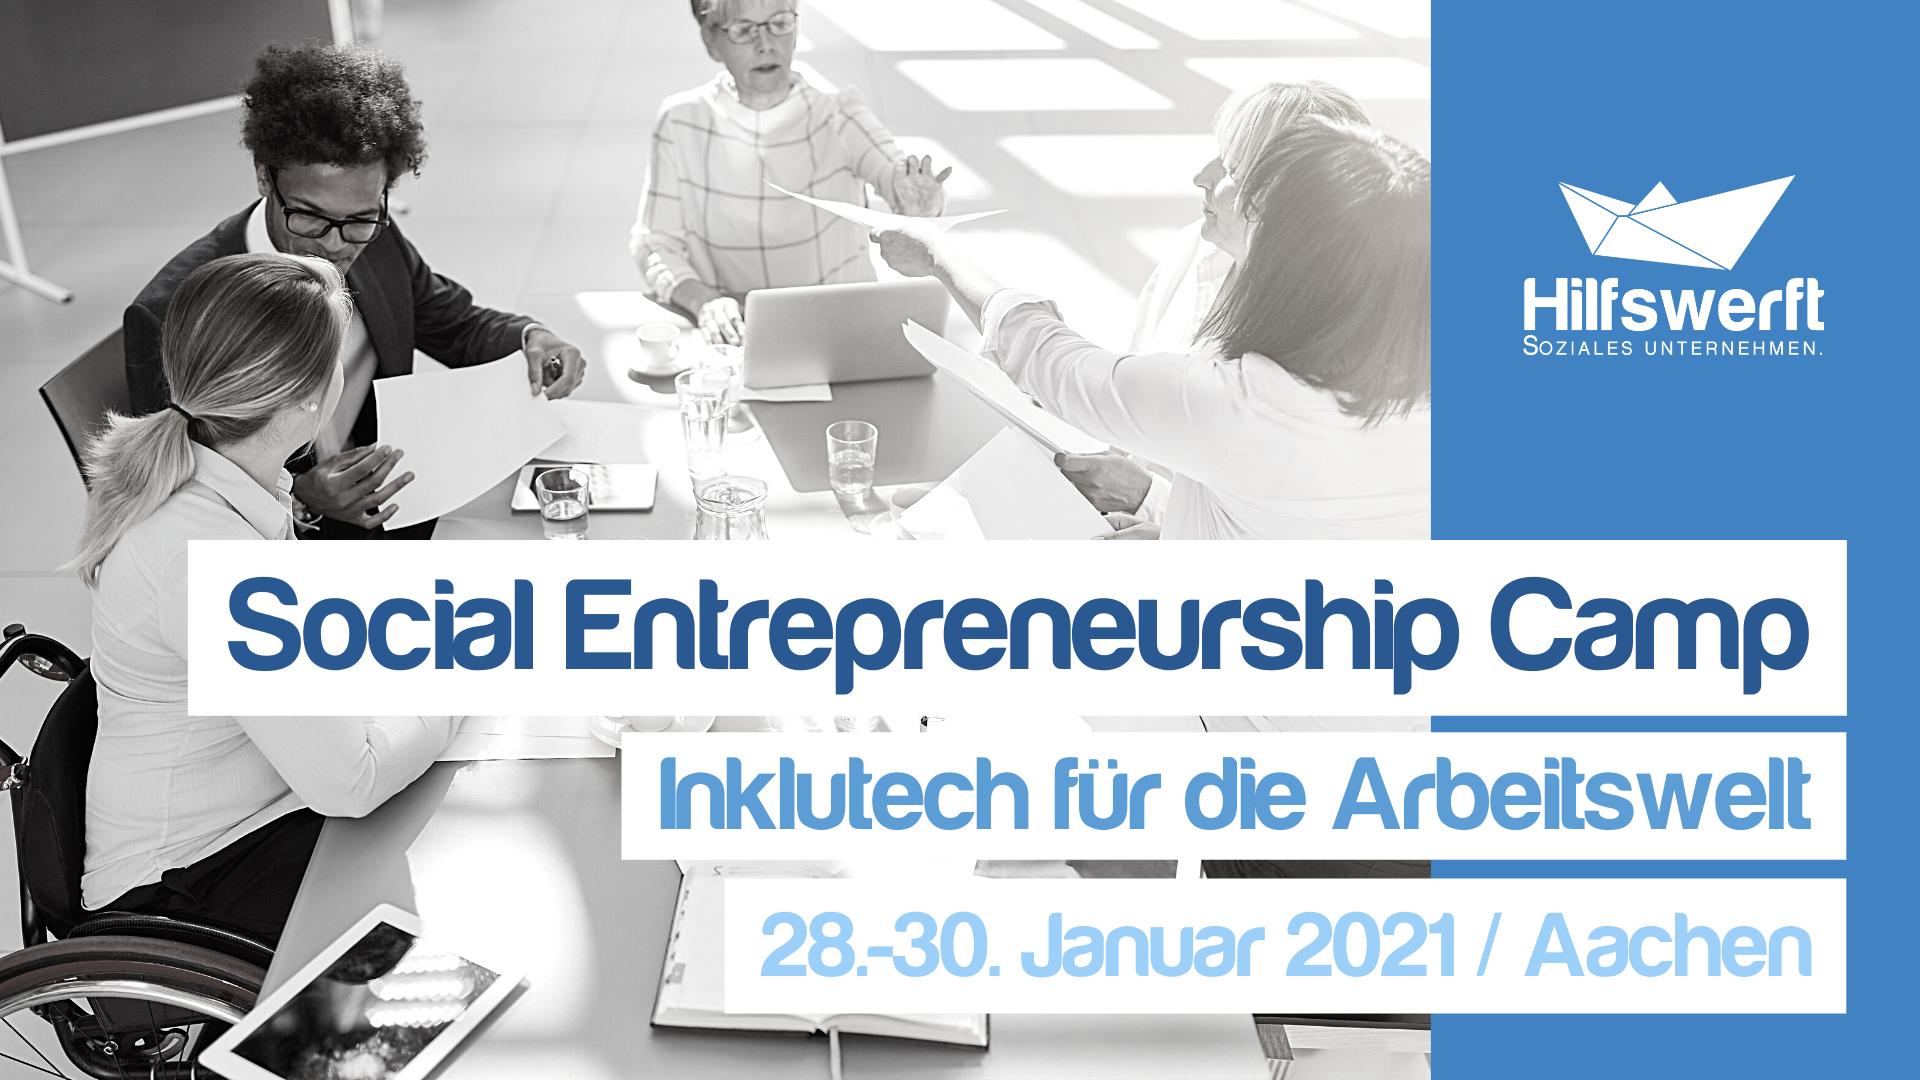 Sociel Entrepreneurship Camp Inklutech Inklusive Technologien für den Arbeitsmarkt Hilfswerft Aachen RWTH